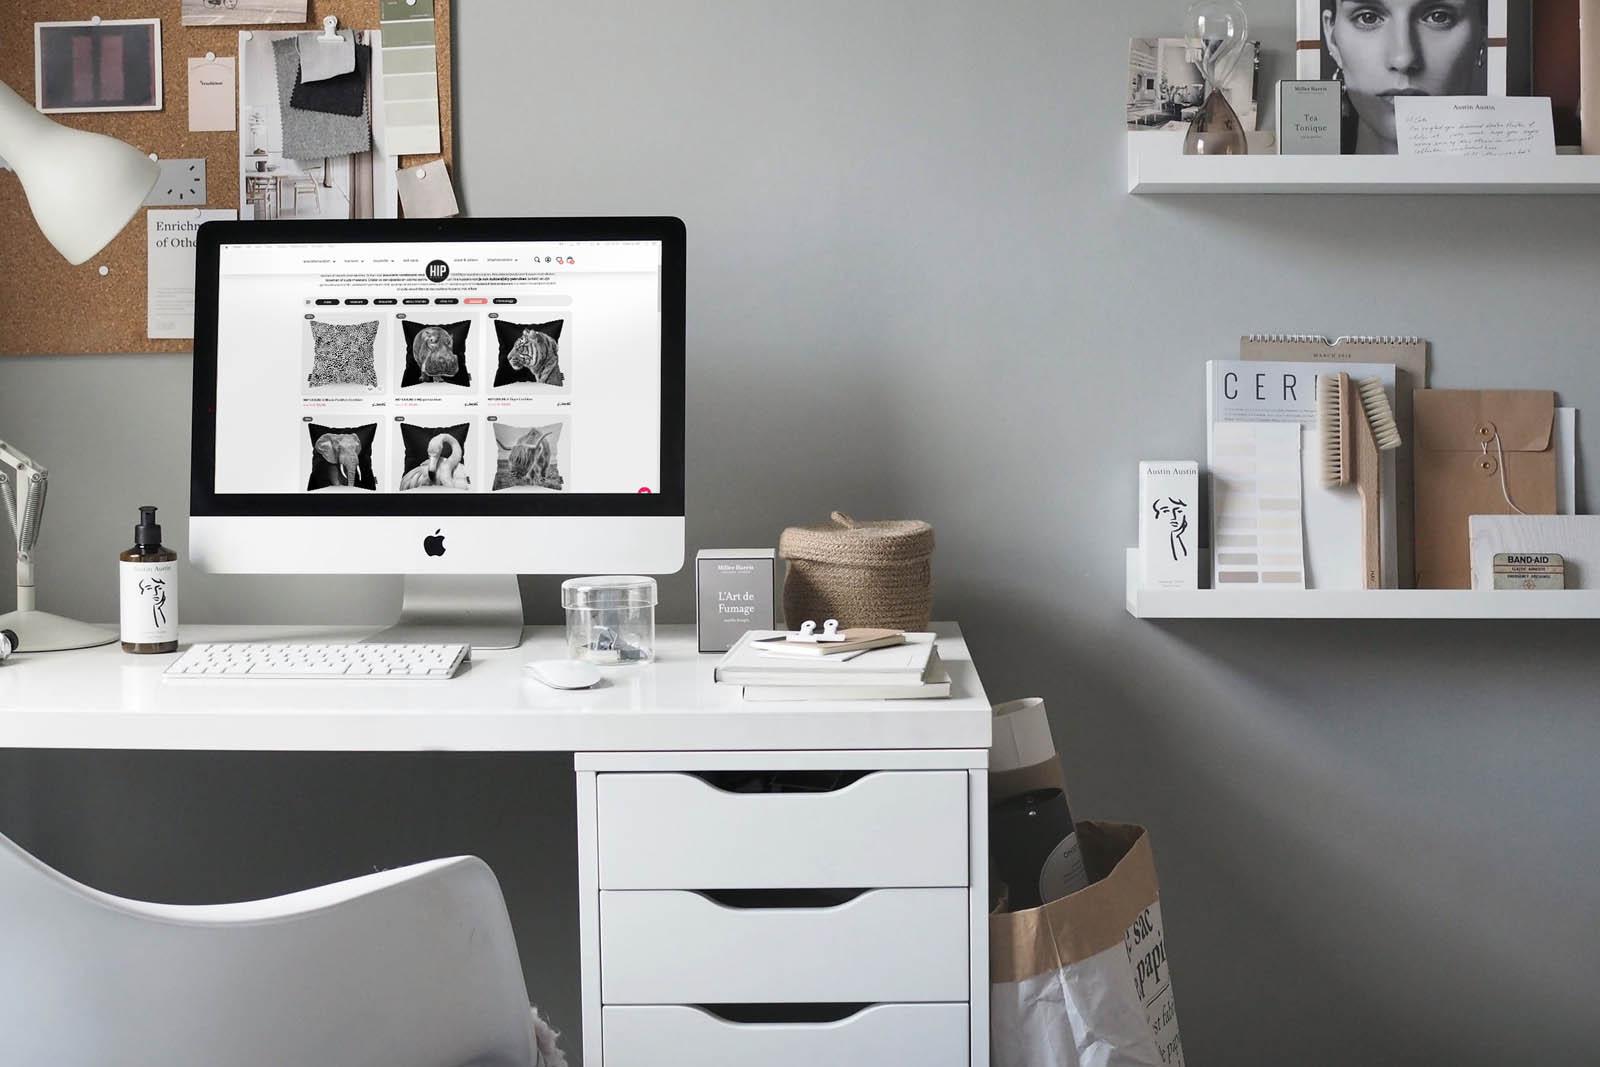 Thuis kantoor met een wit bureau met de website van HIP ORGNL openstaand.